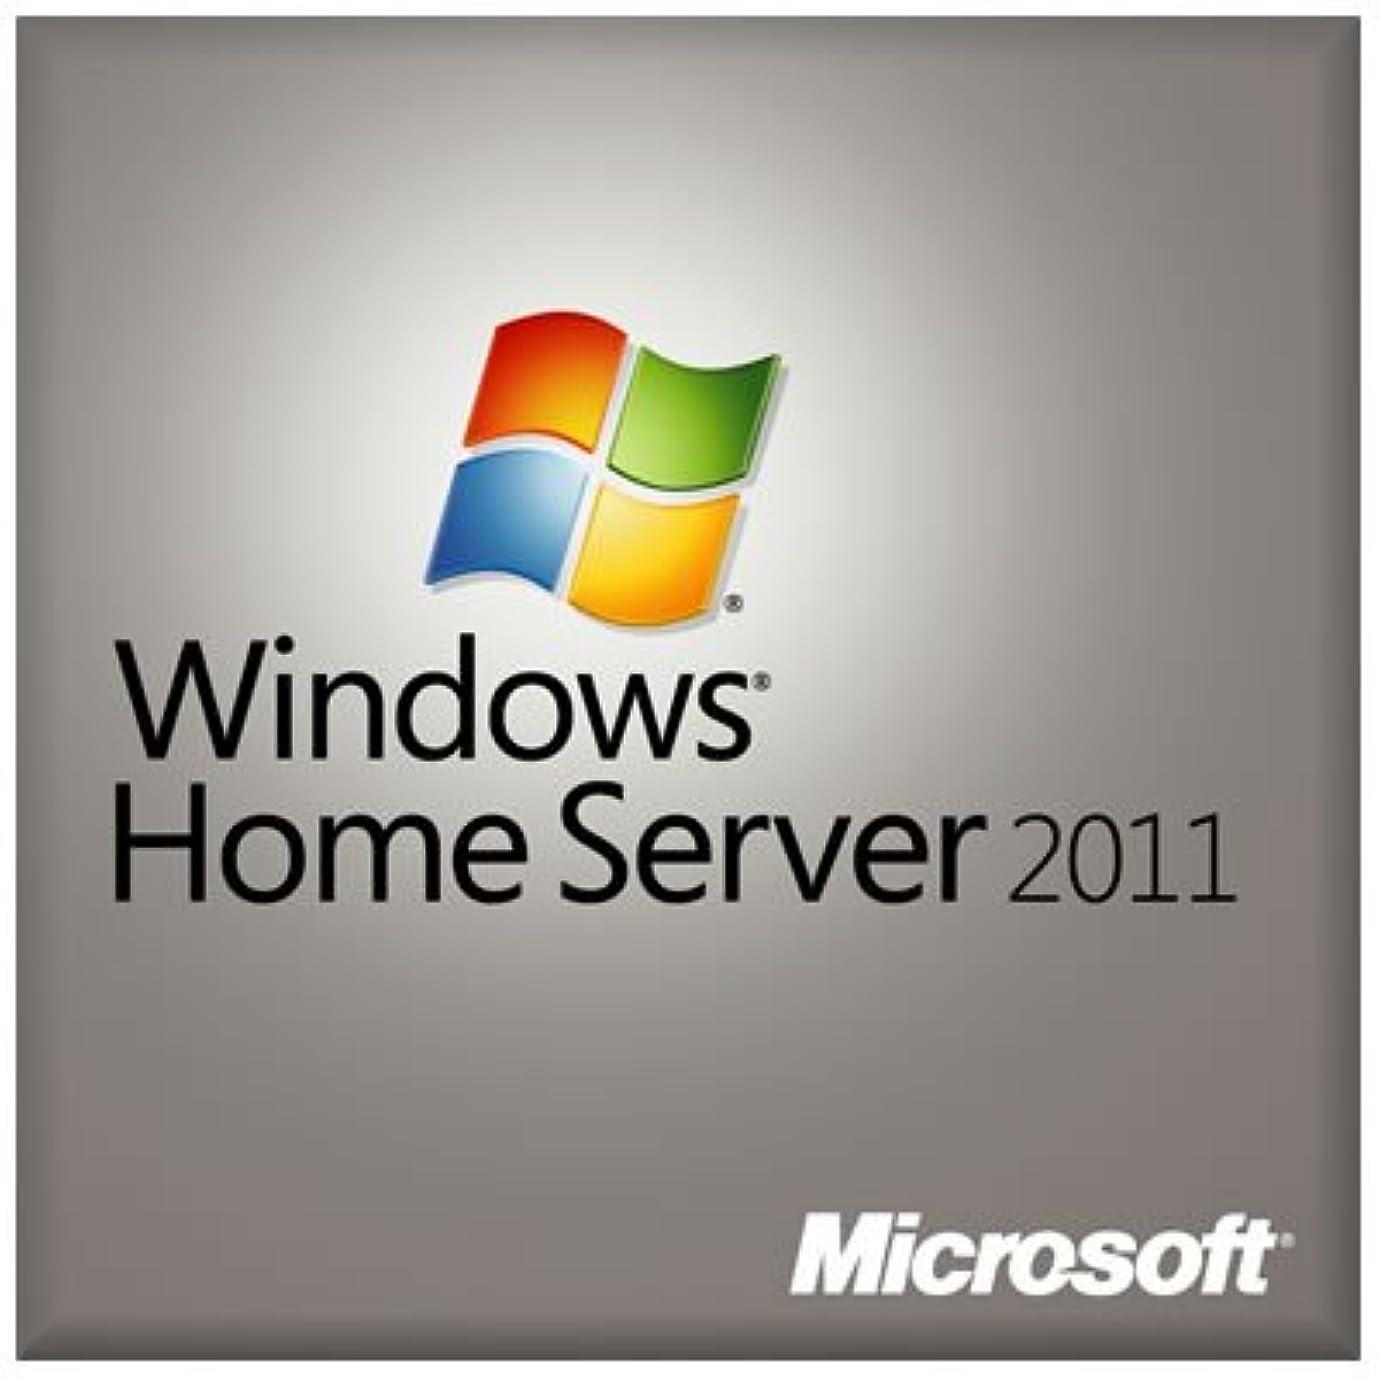 スピーカーゴミ幽霊Windows Home Server 2011 64Bit 日本語 DSP版+ CPU